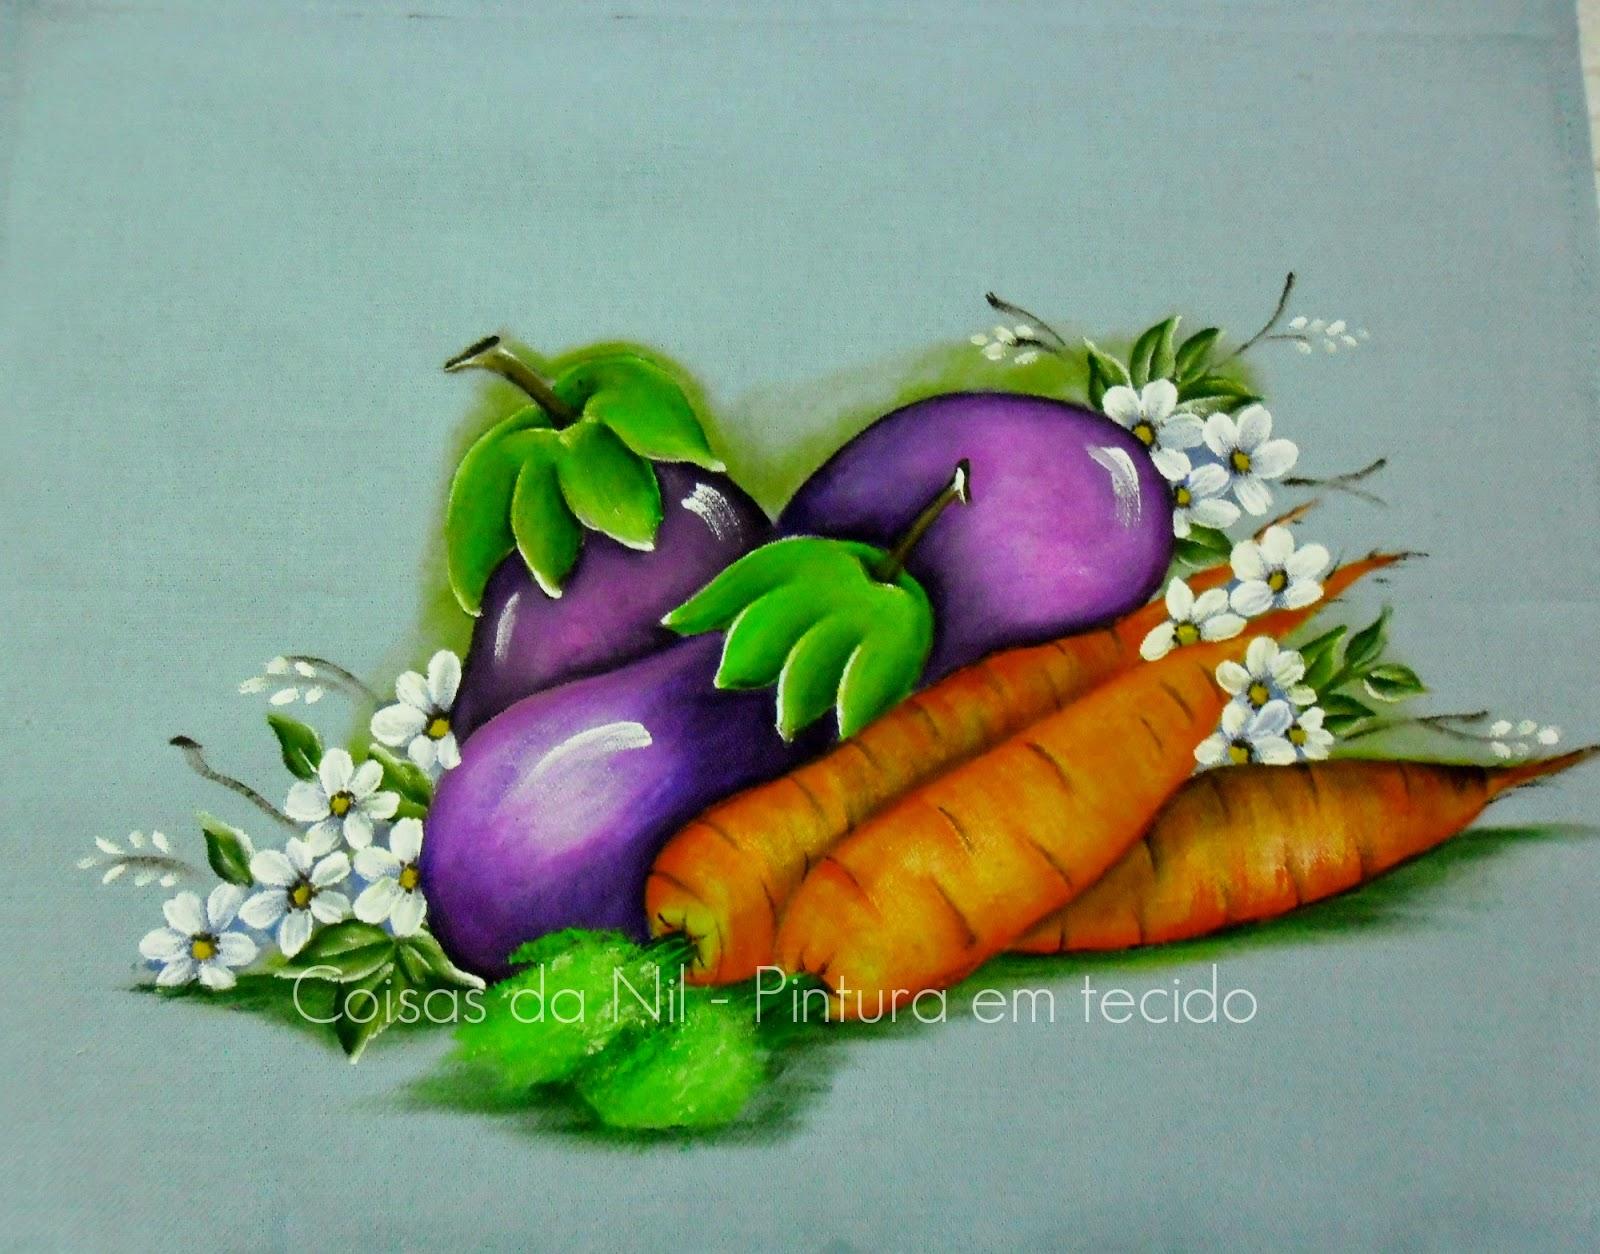 pintura em tecido pano de copa com beringelas e cenouras